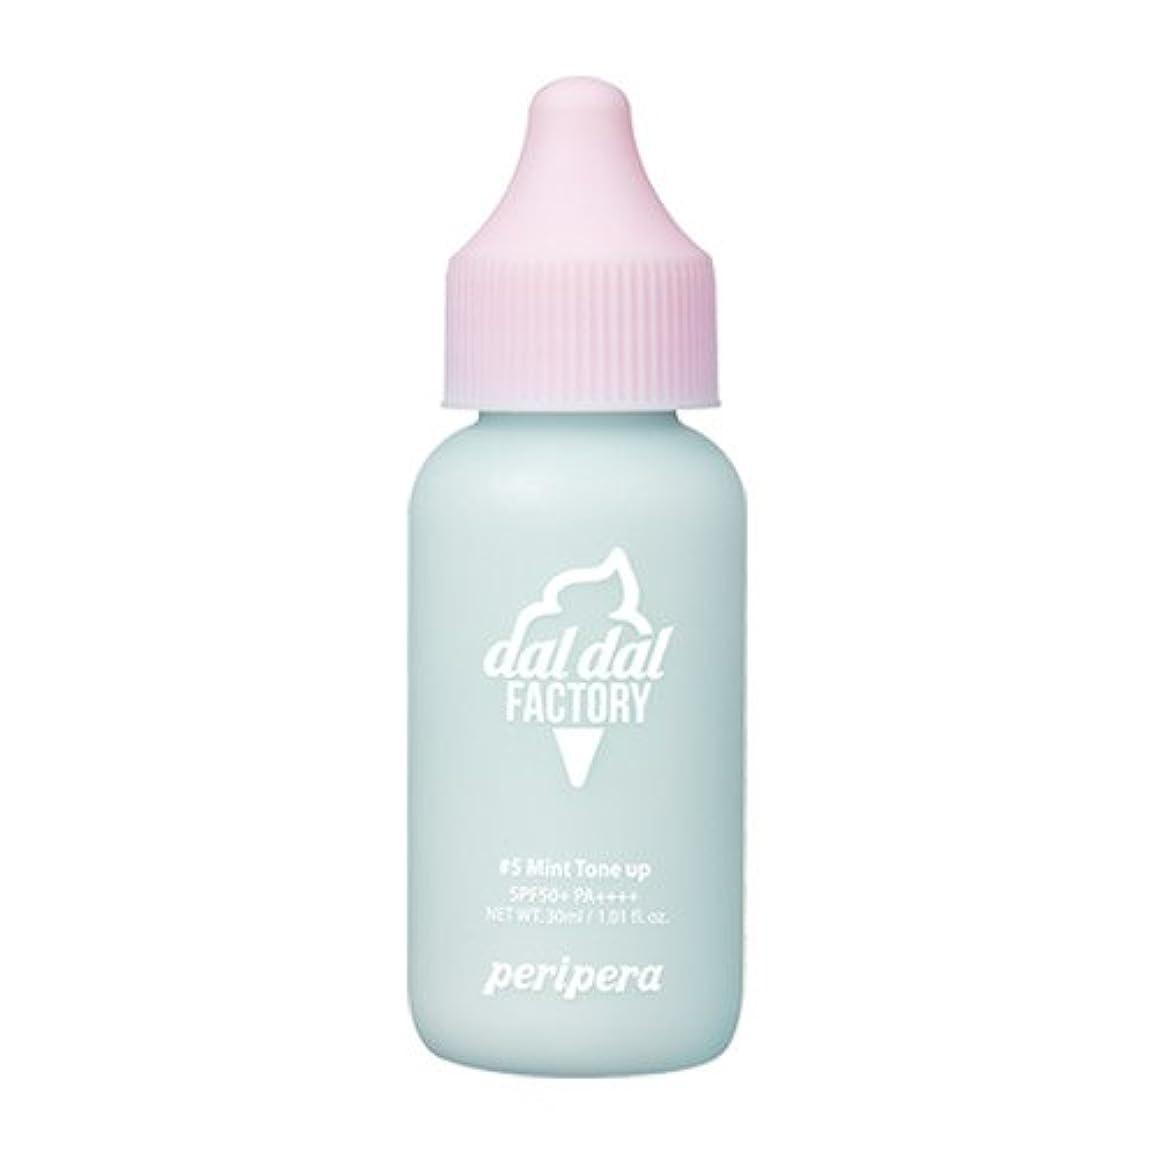 保有者アンプ擬人化[New] peripera Ink Blurring Skin Tint #05 Mint Tone Up/ペリペラ インク ブラー リング スキン ティント SPF50+ PA++++ 30ml [並行輸入品]